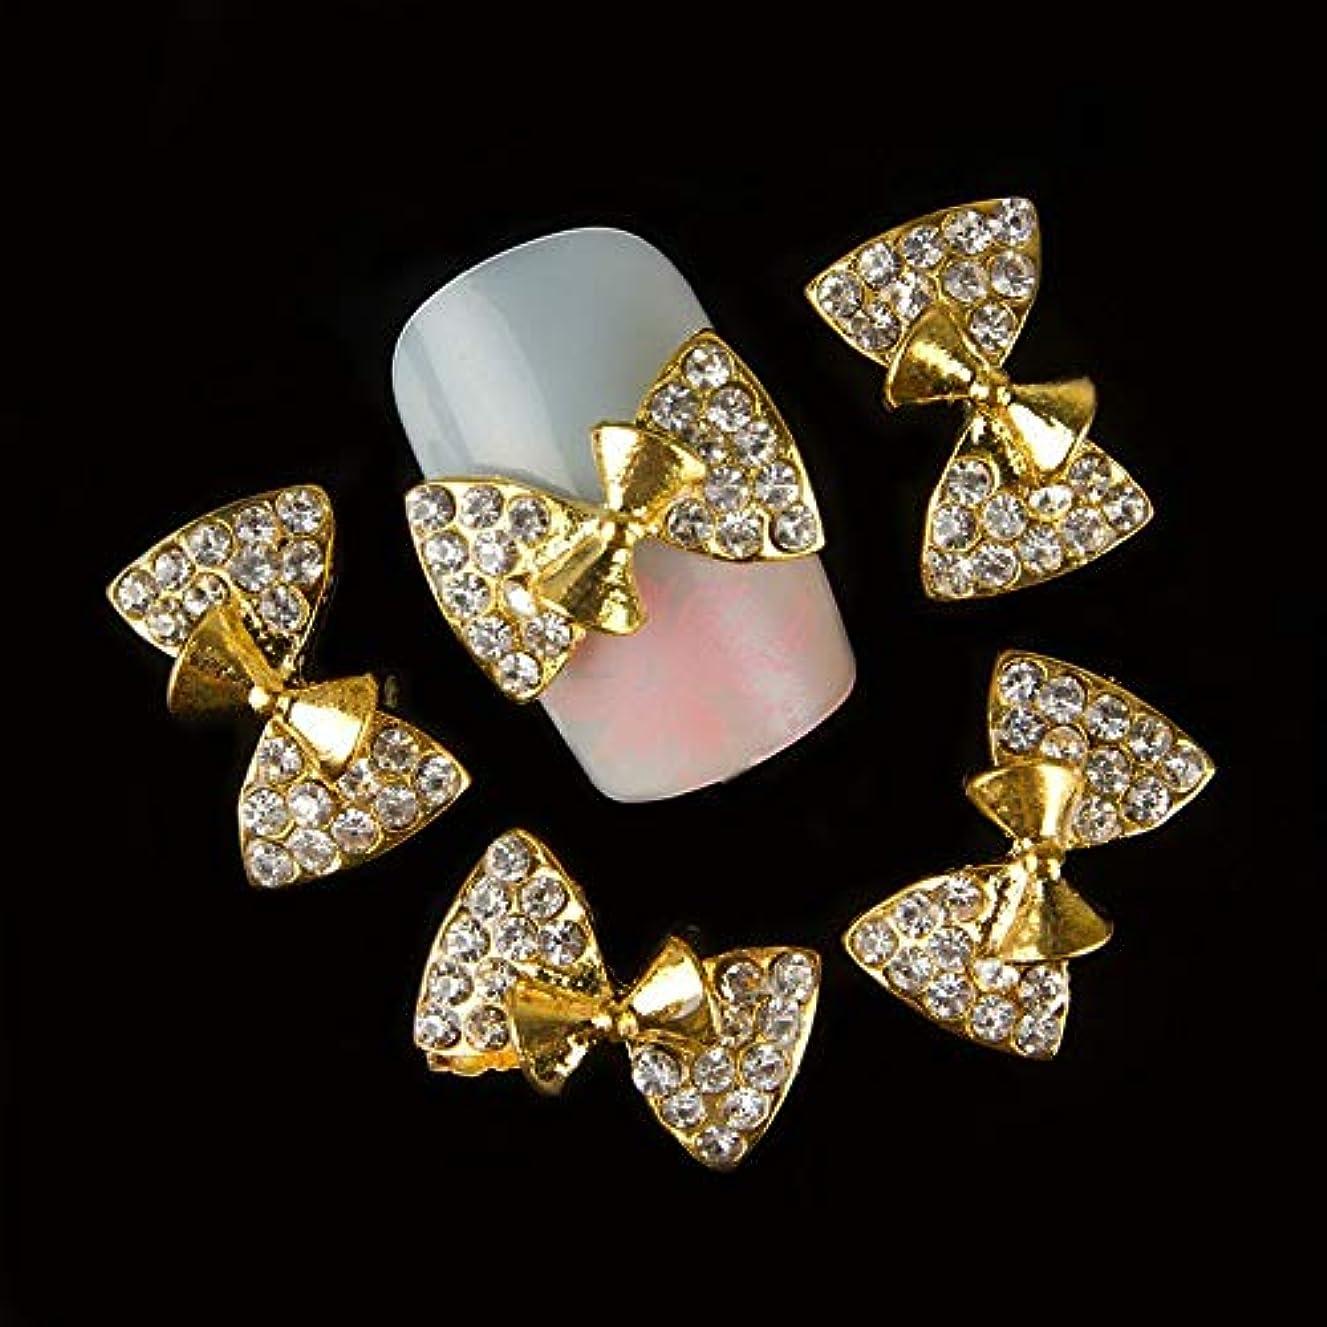 そしてバーストムオードリース10個入りの3Dゴールドネイル合金デコレーションボウデザイングリッターラインストーンネイルアートのヒントステッカー